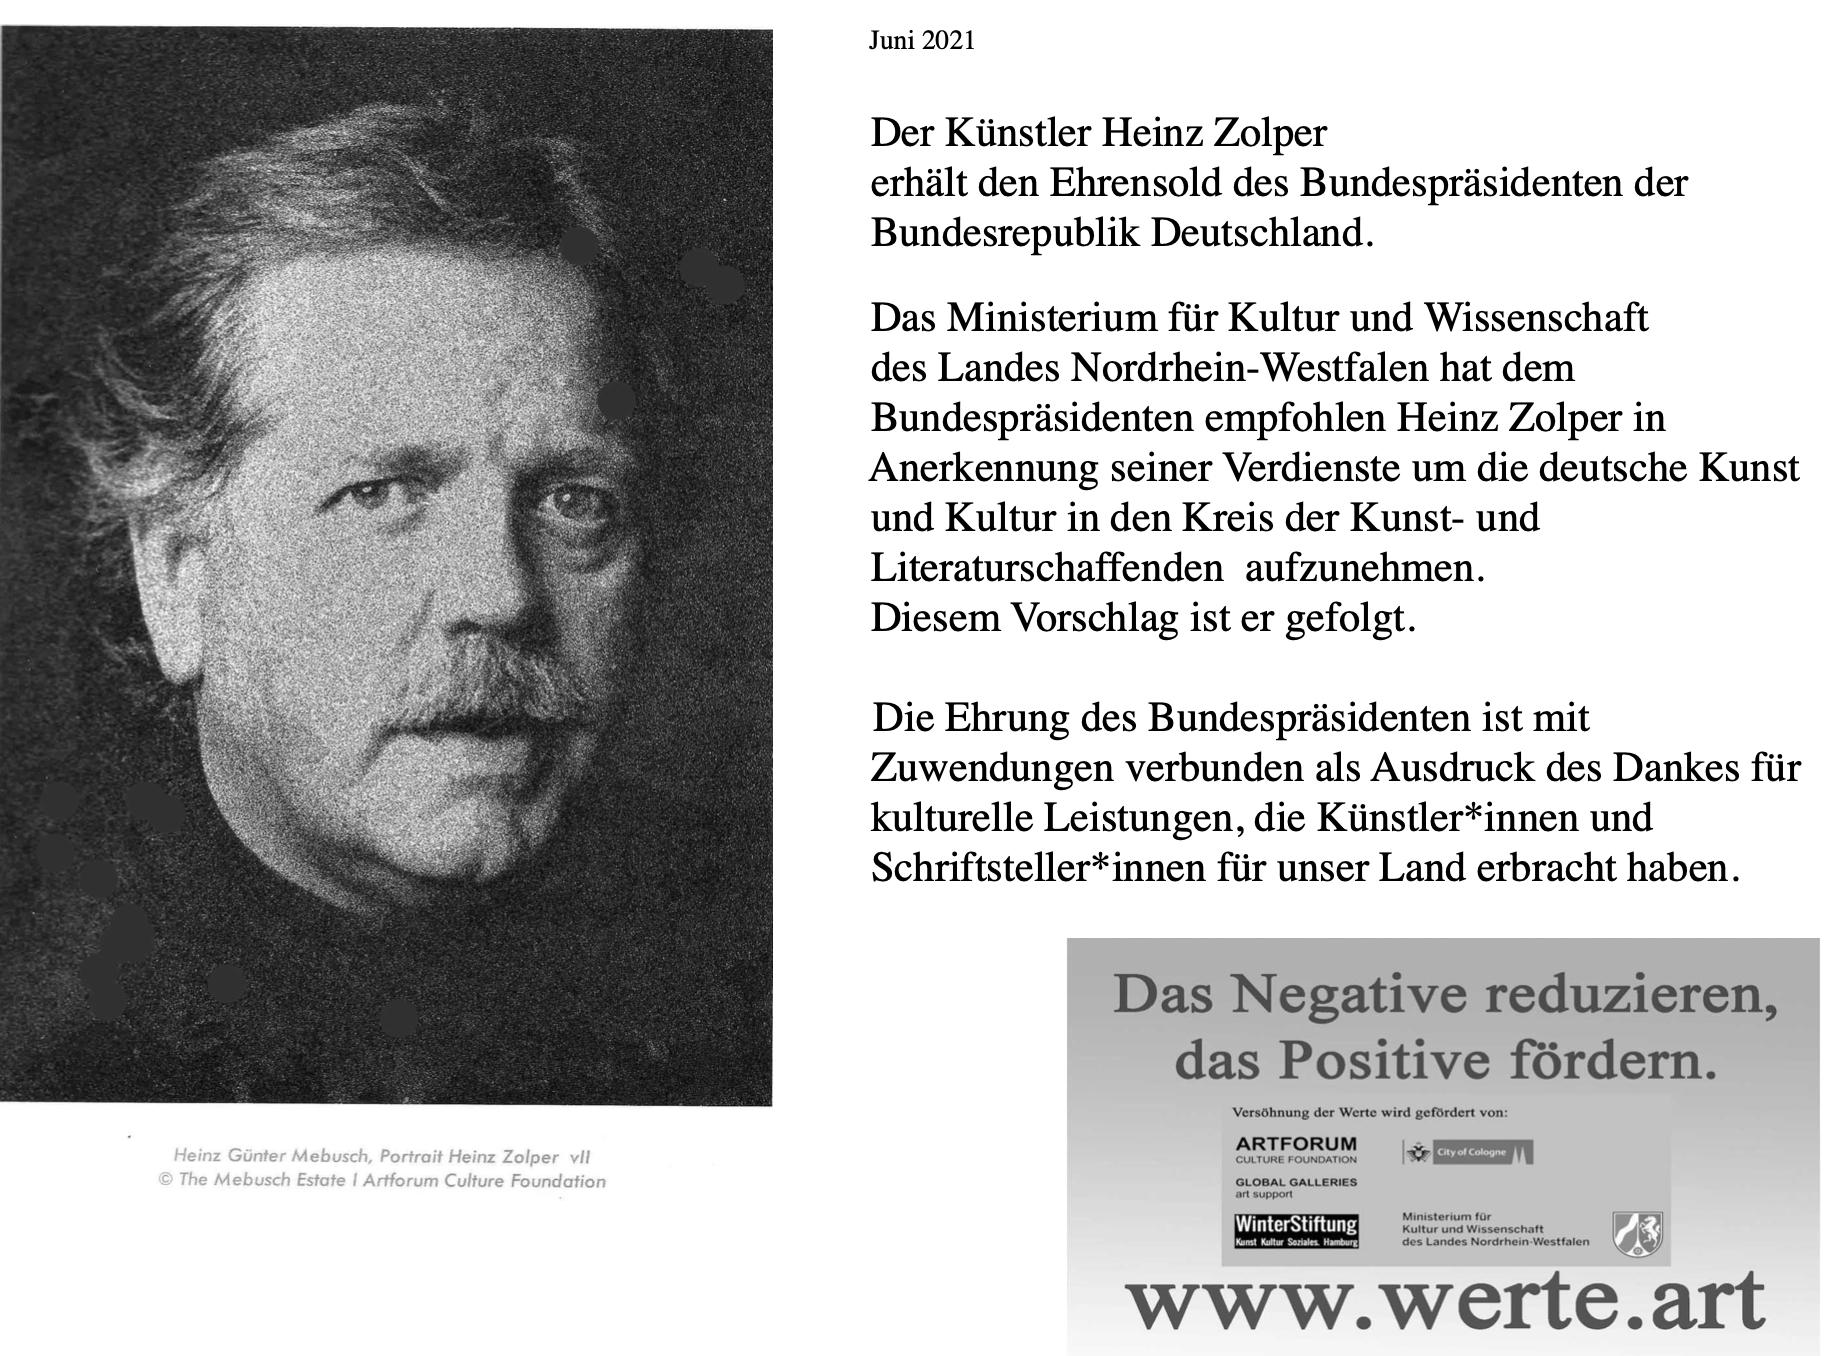 Ehrung des Bundespräsidenten für Heinz Zolper